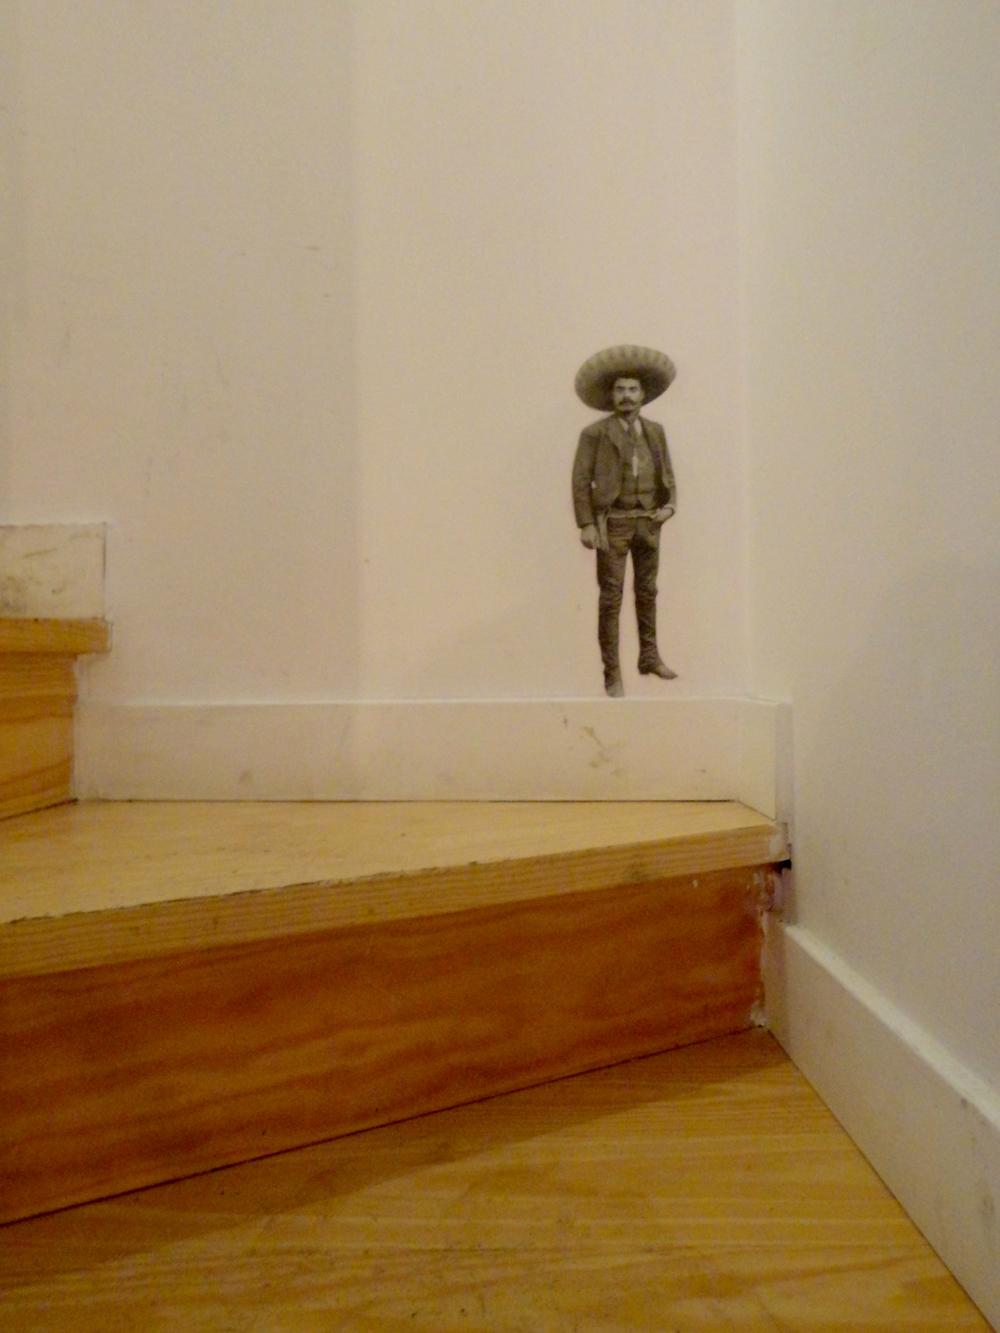 e ao virar da esquina (invertida), está um mexicano